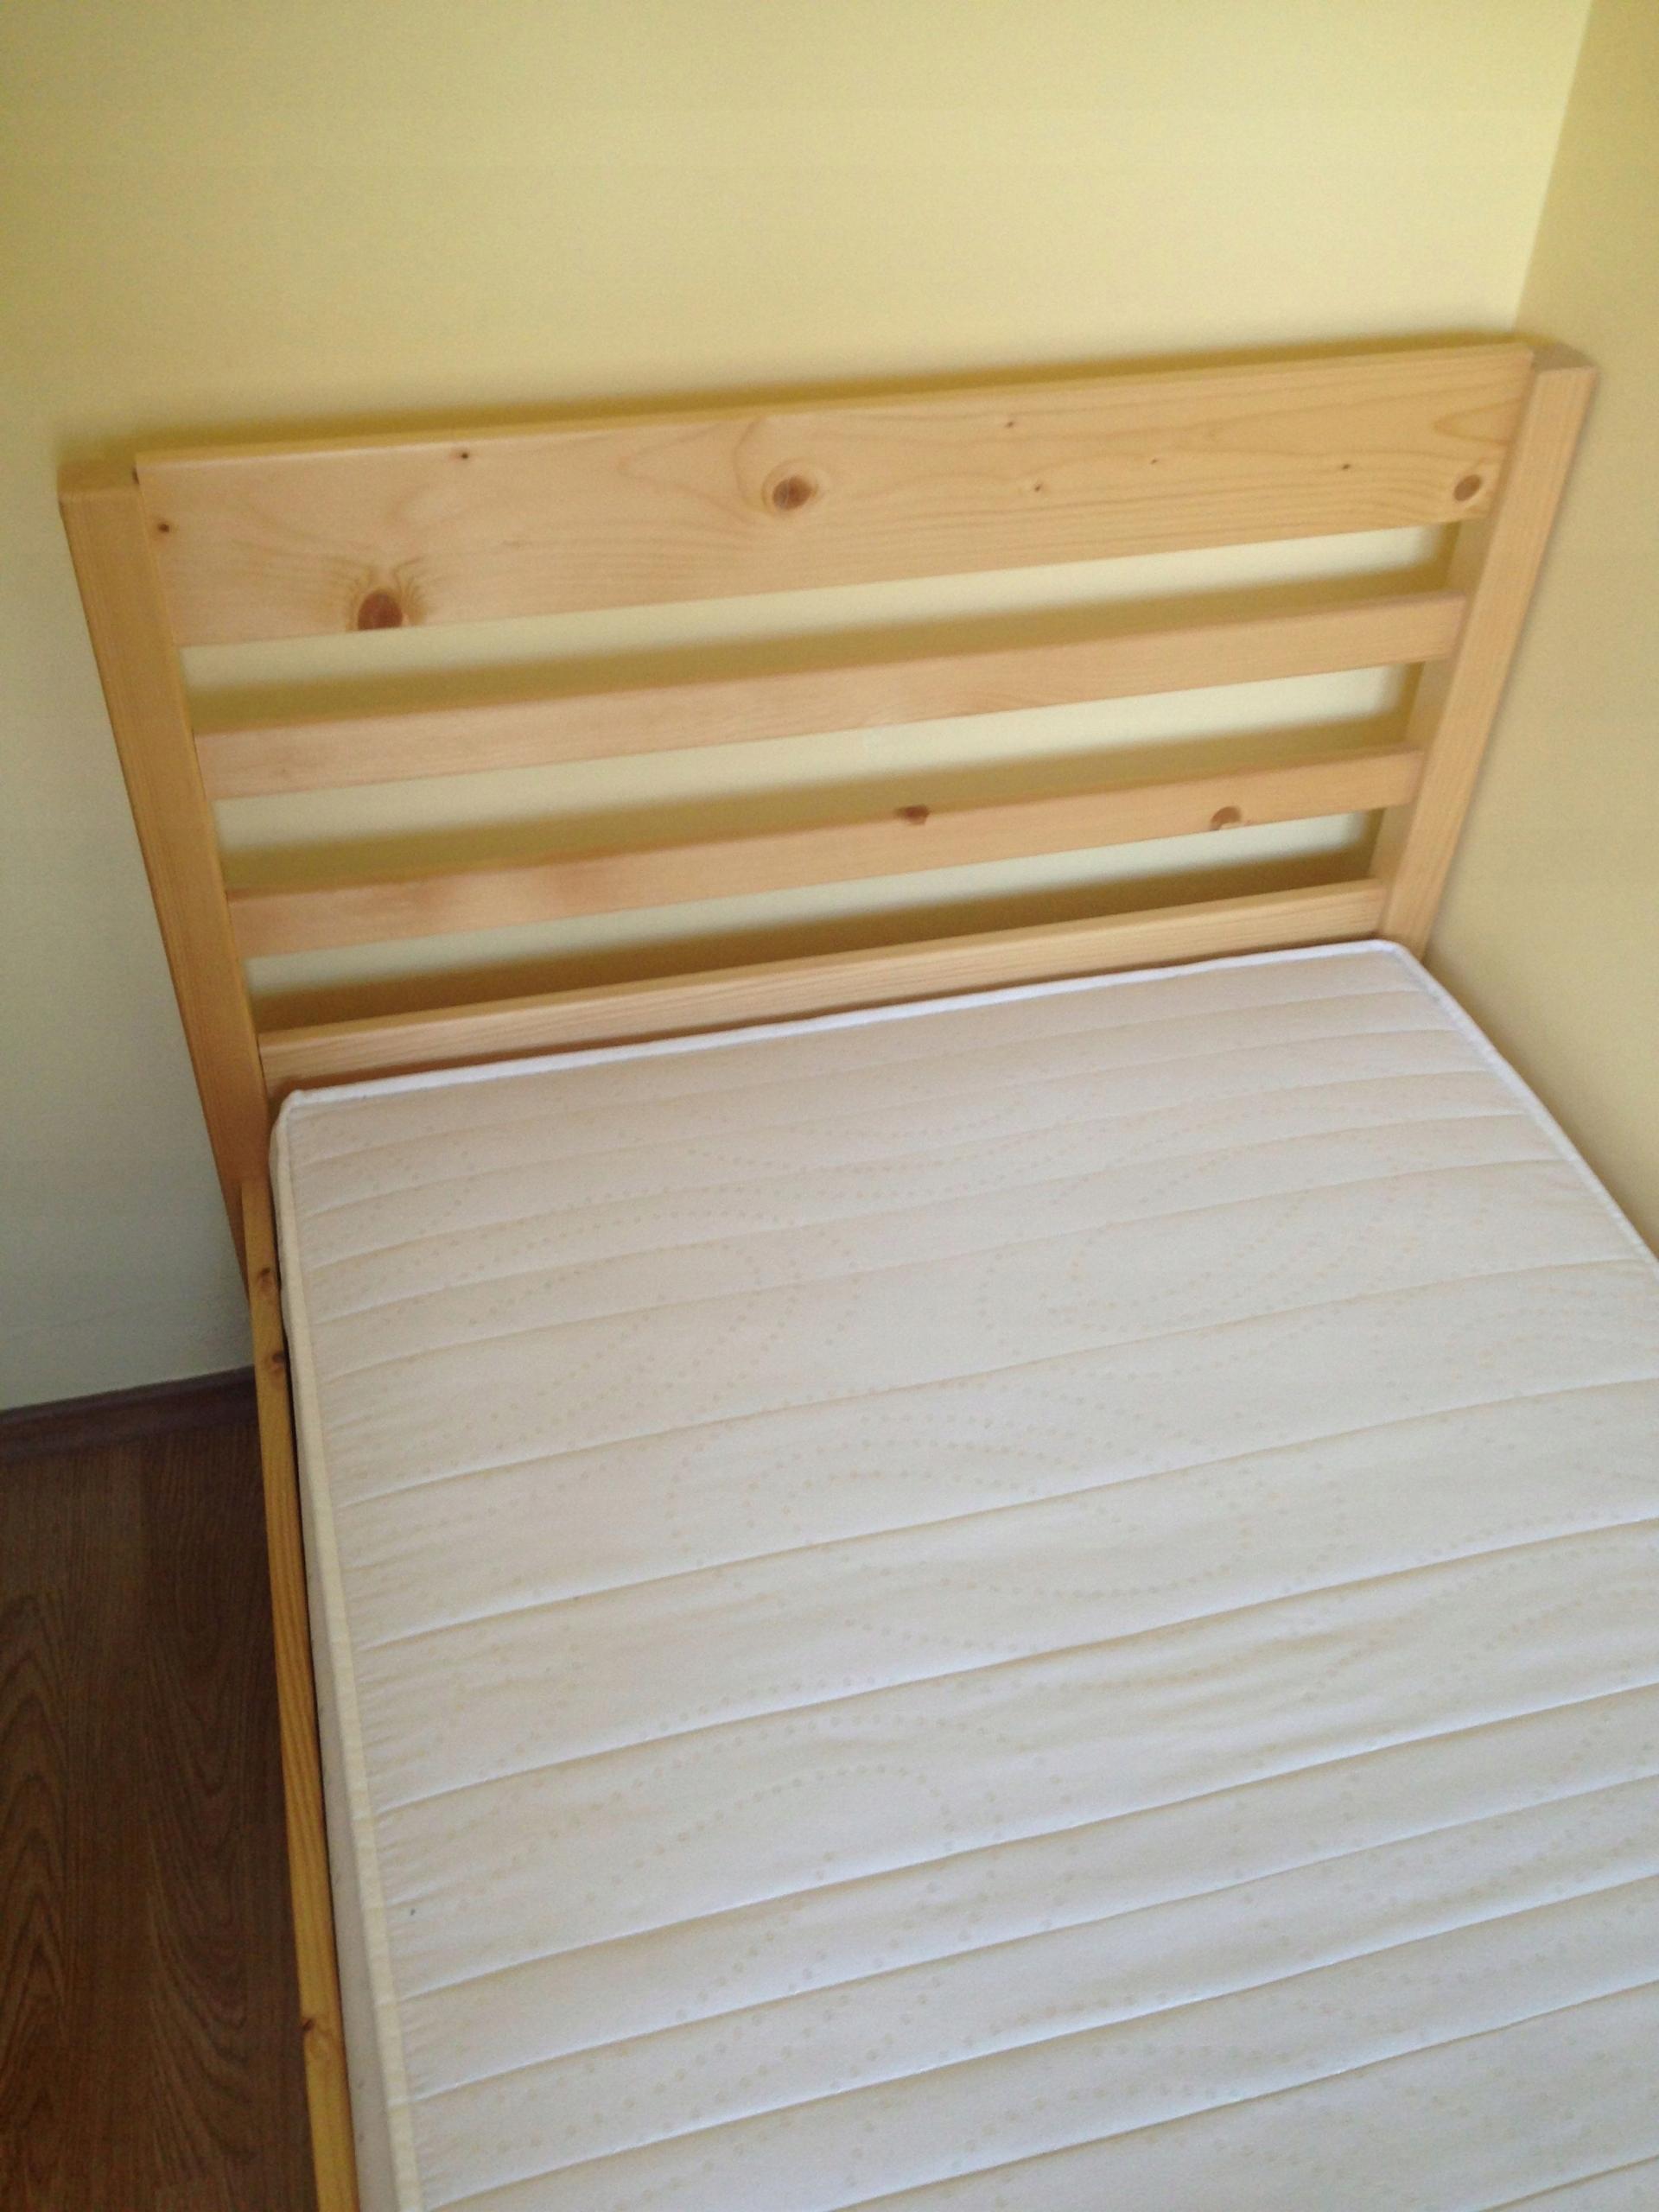 łóżko 90x200 Cm Ubby Dreamzone Jysk Warszawa